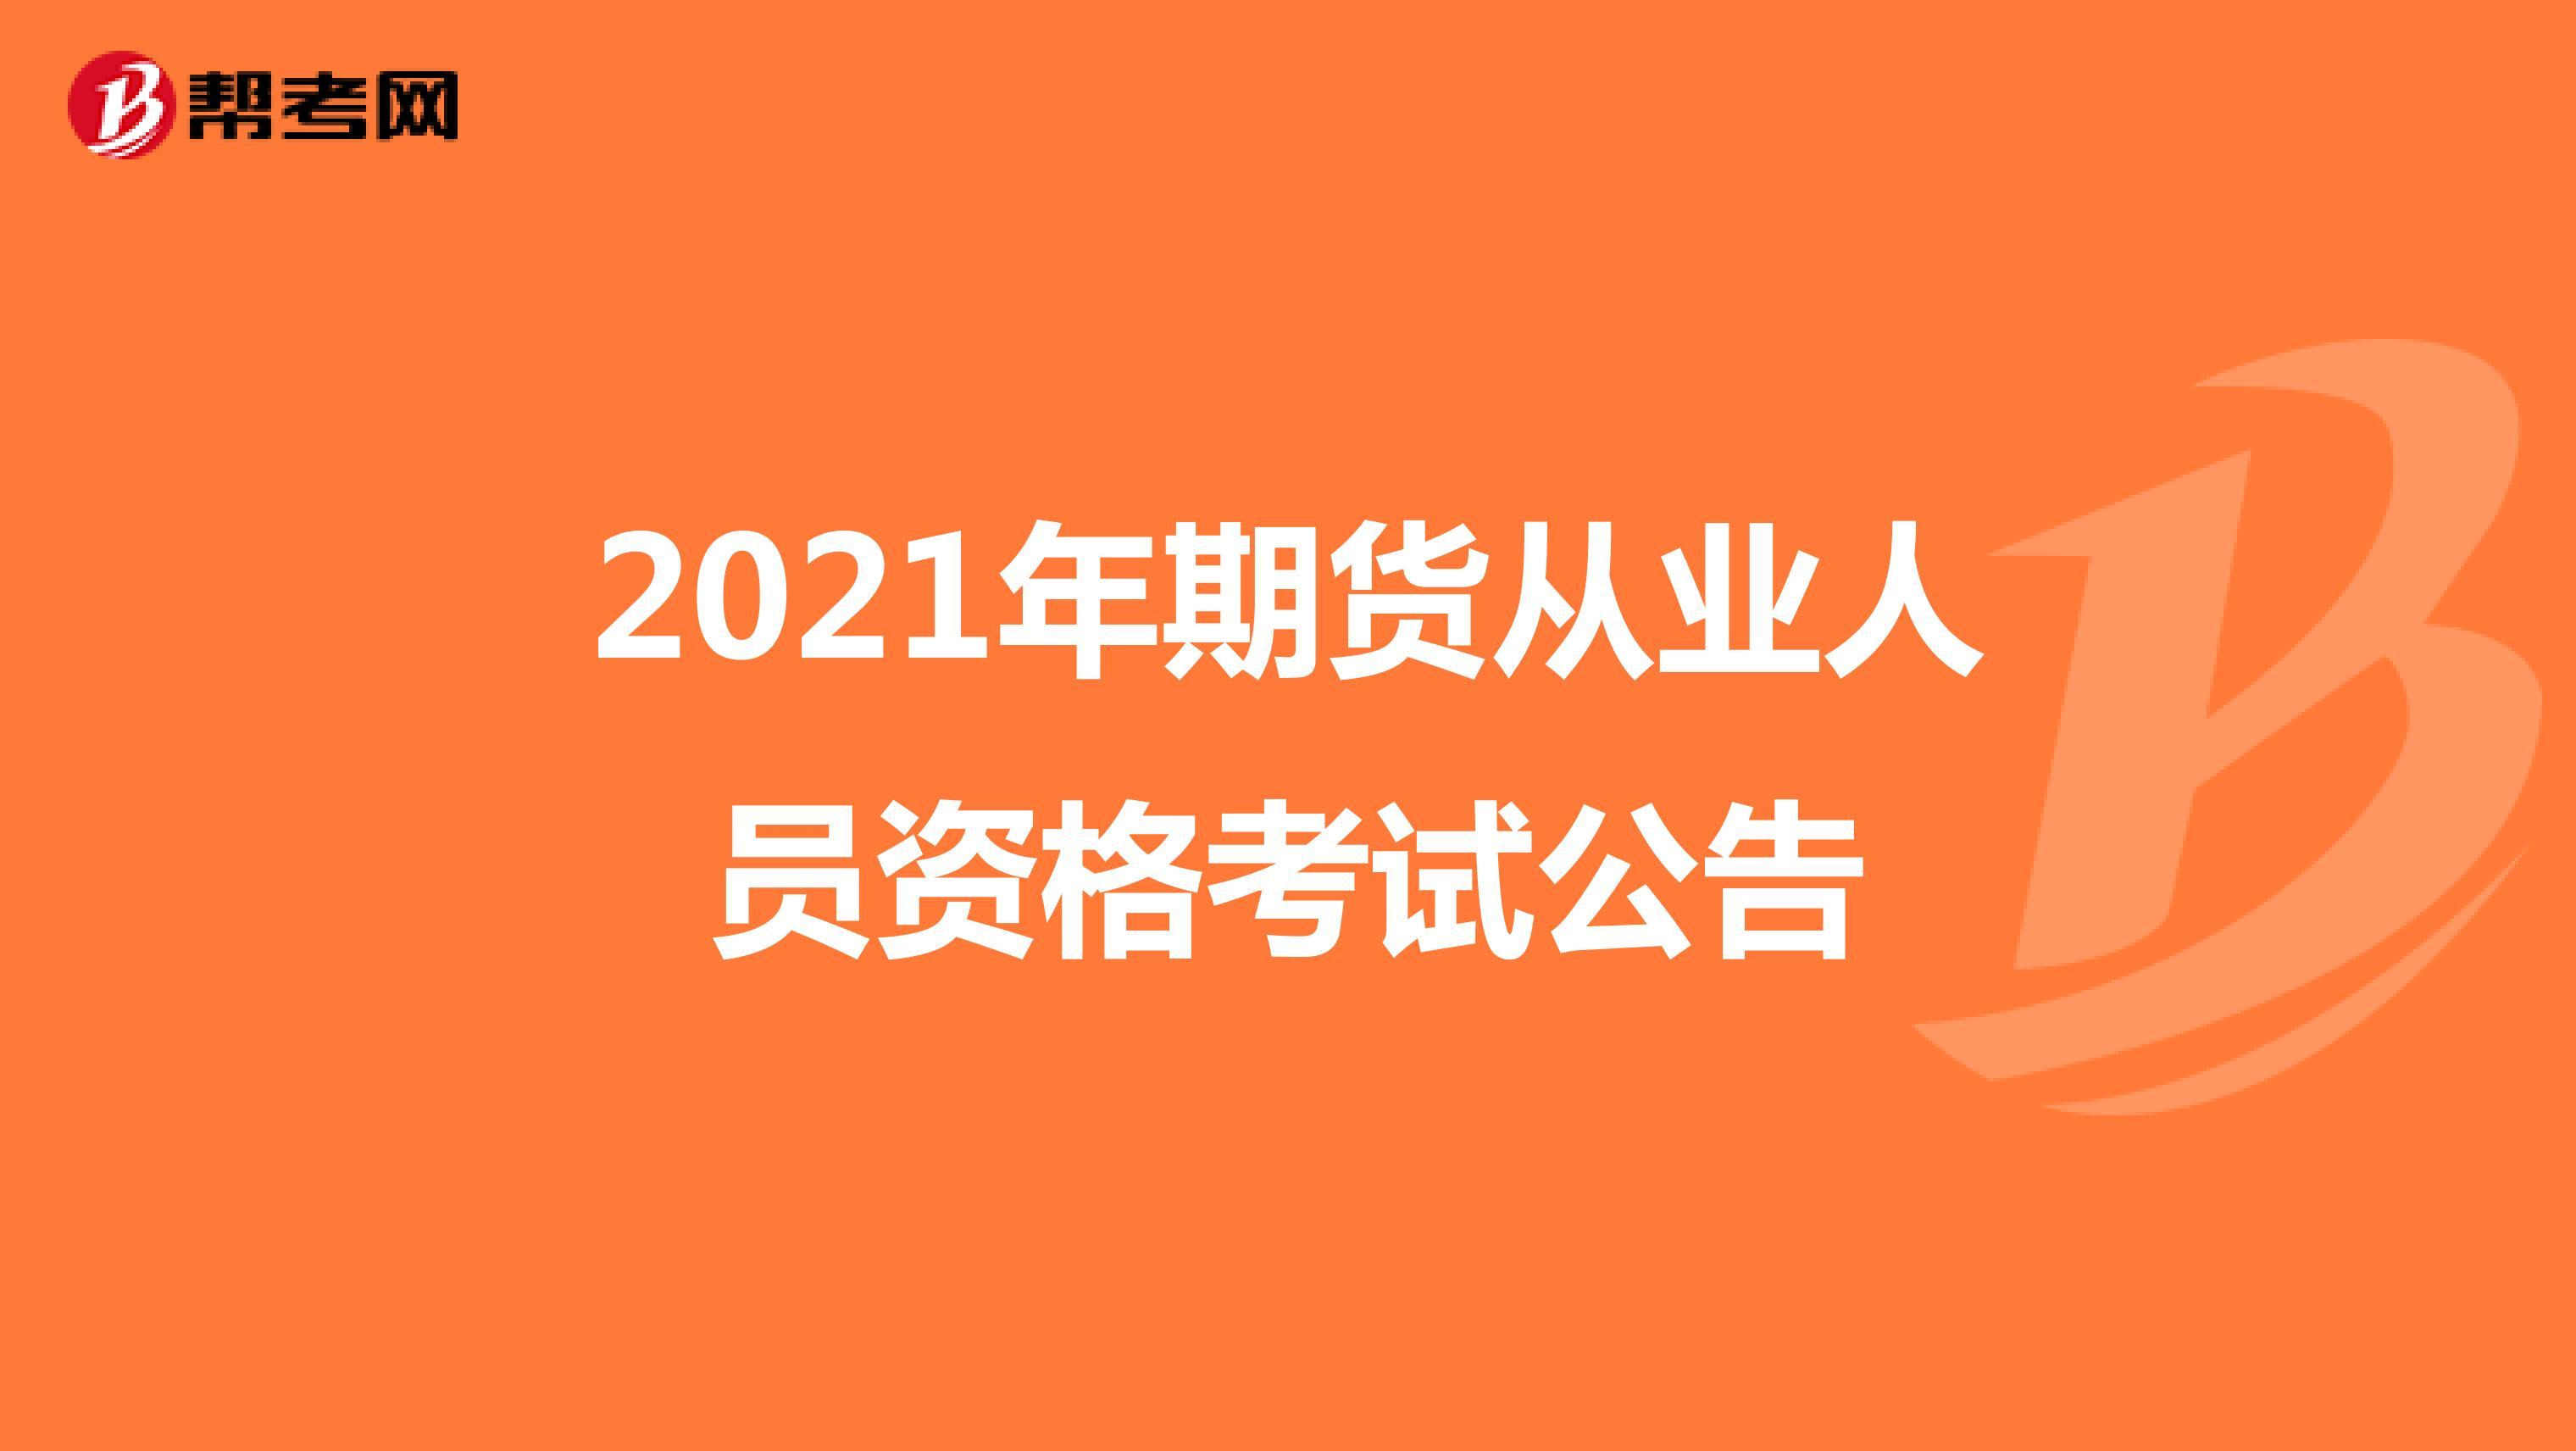 2021年期貨從業人員資格考試公告